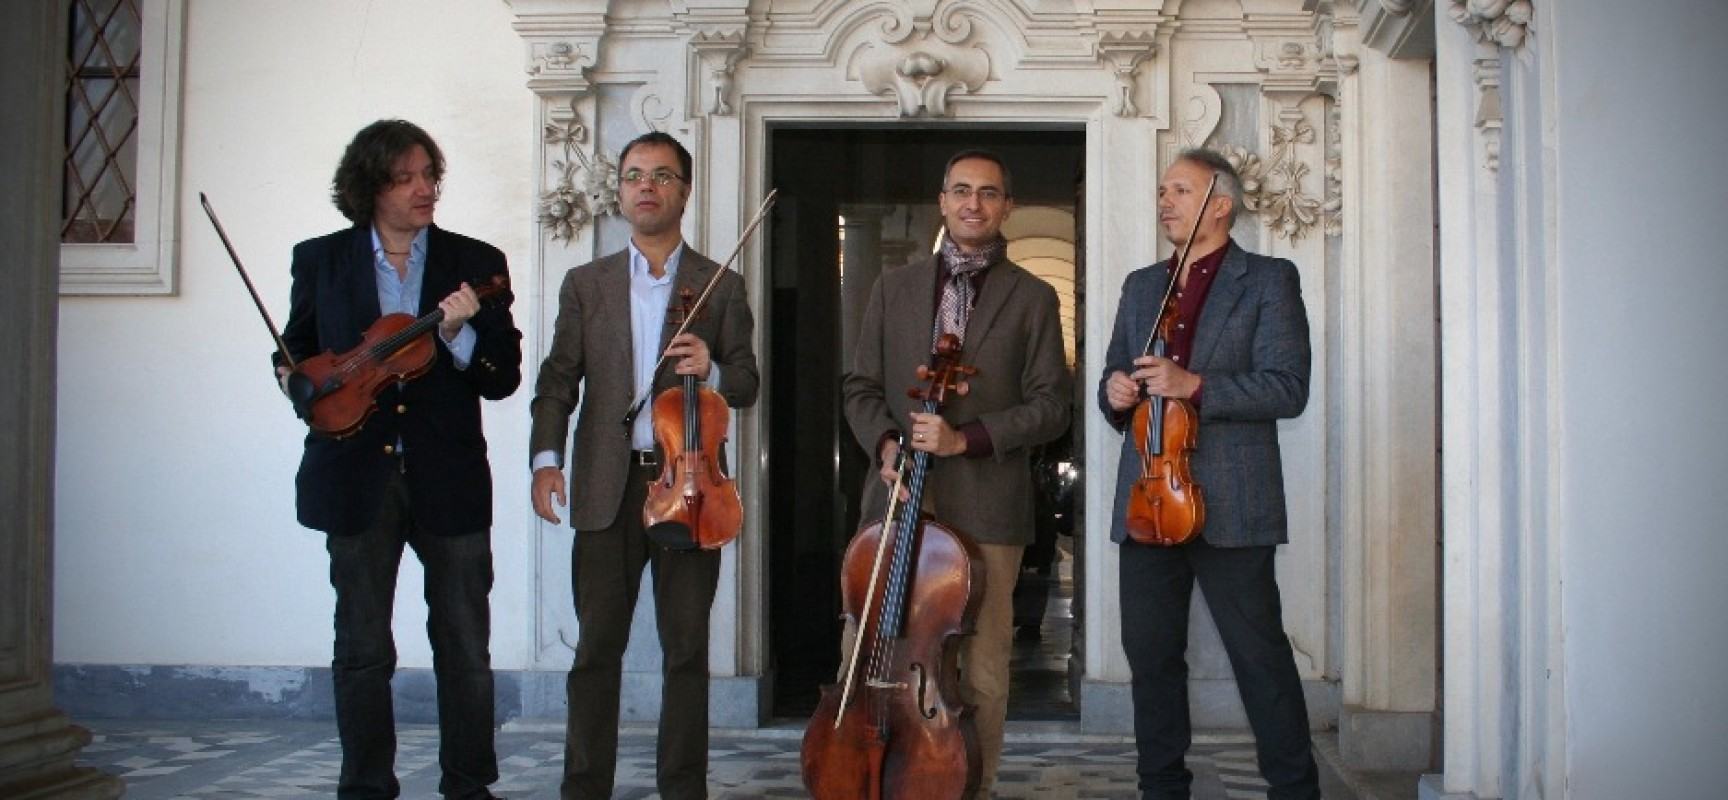 Musica in residenza, la chiesa di San Rocco apre ai concerti didattici